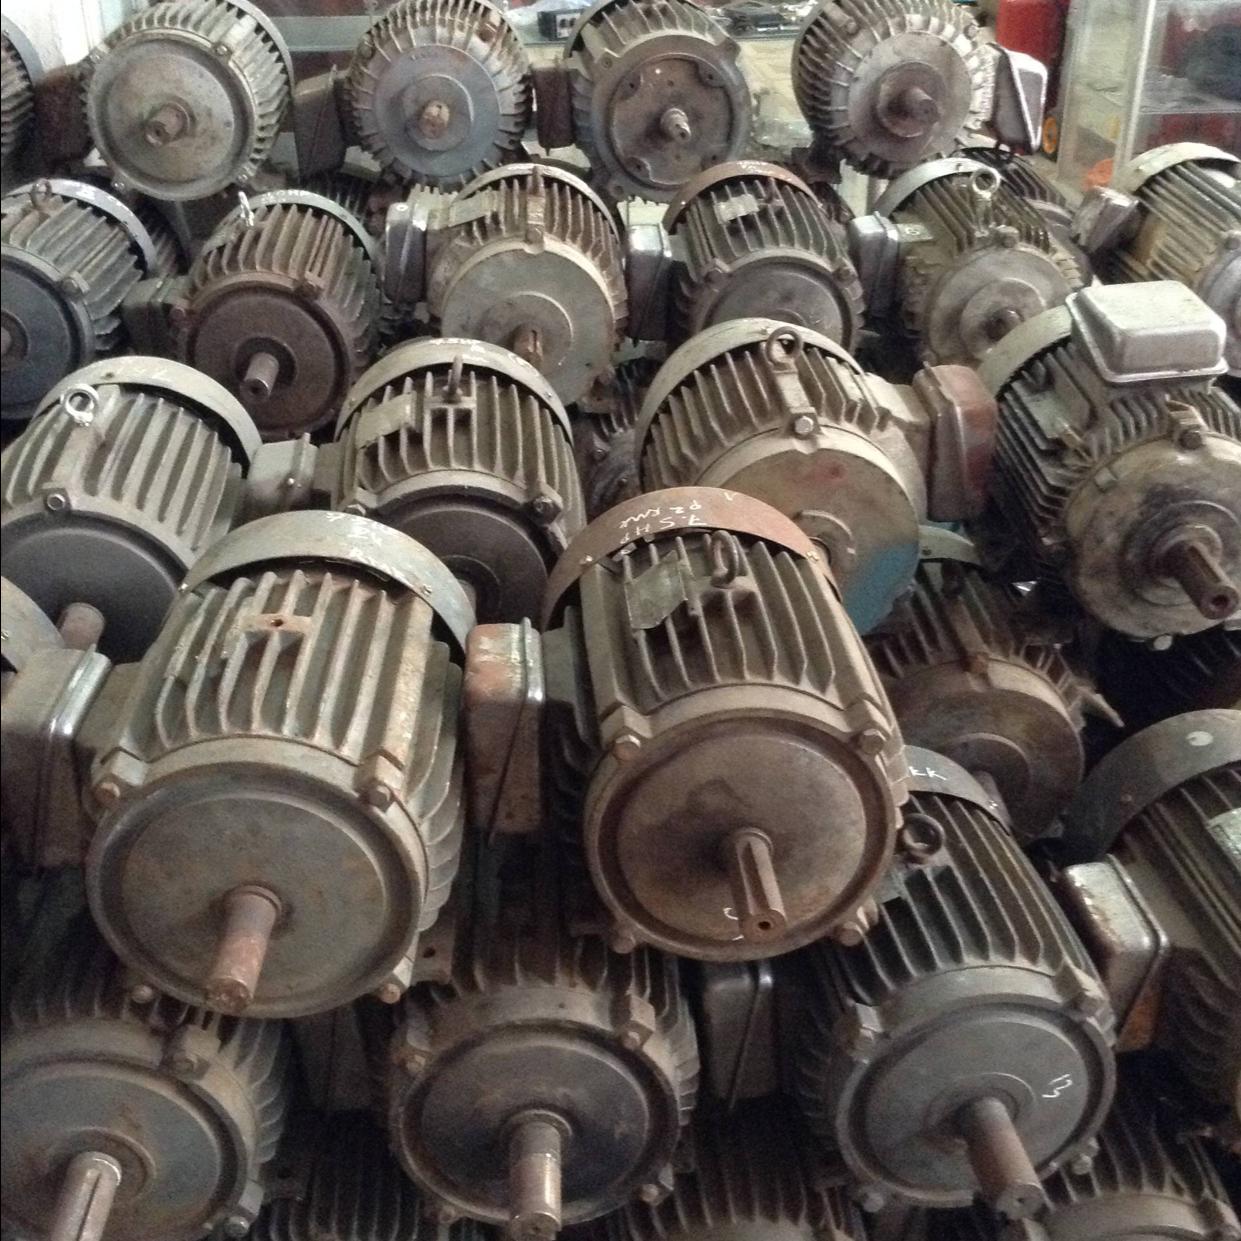 Thu mua môtơ cũ các loại giá cao tại TPHCM